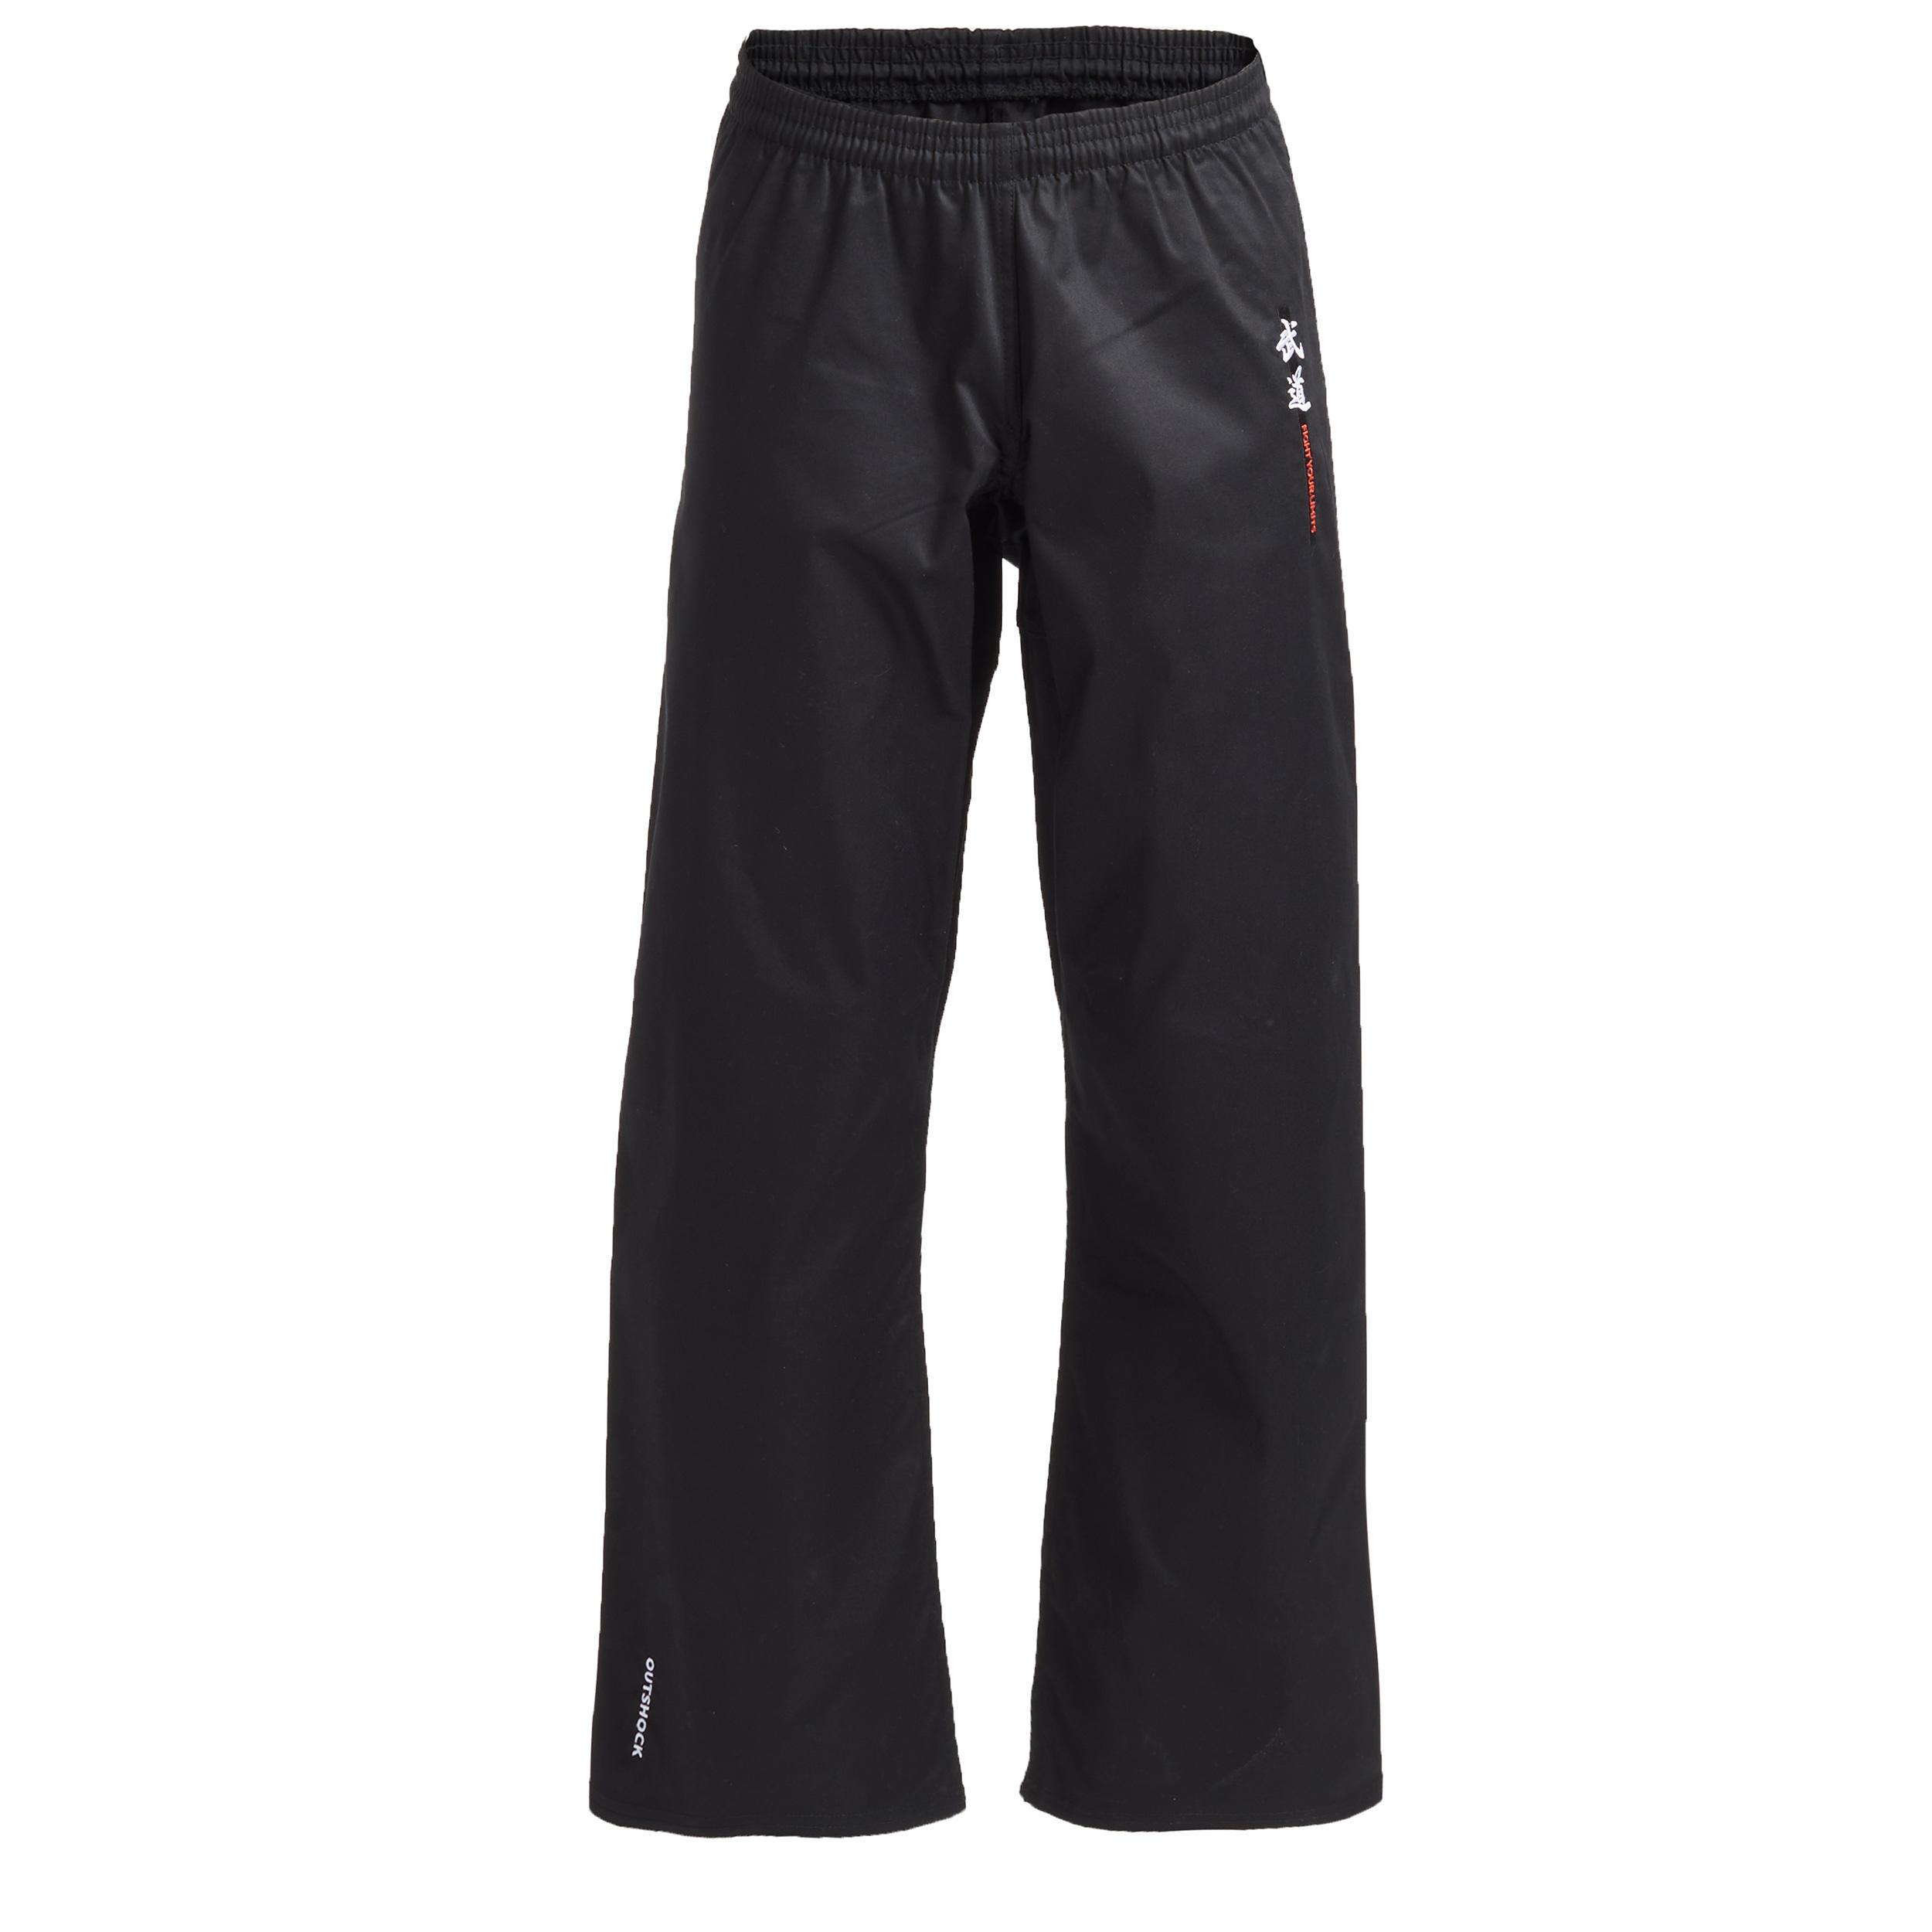 Pantalon de Arte Marţiale budo